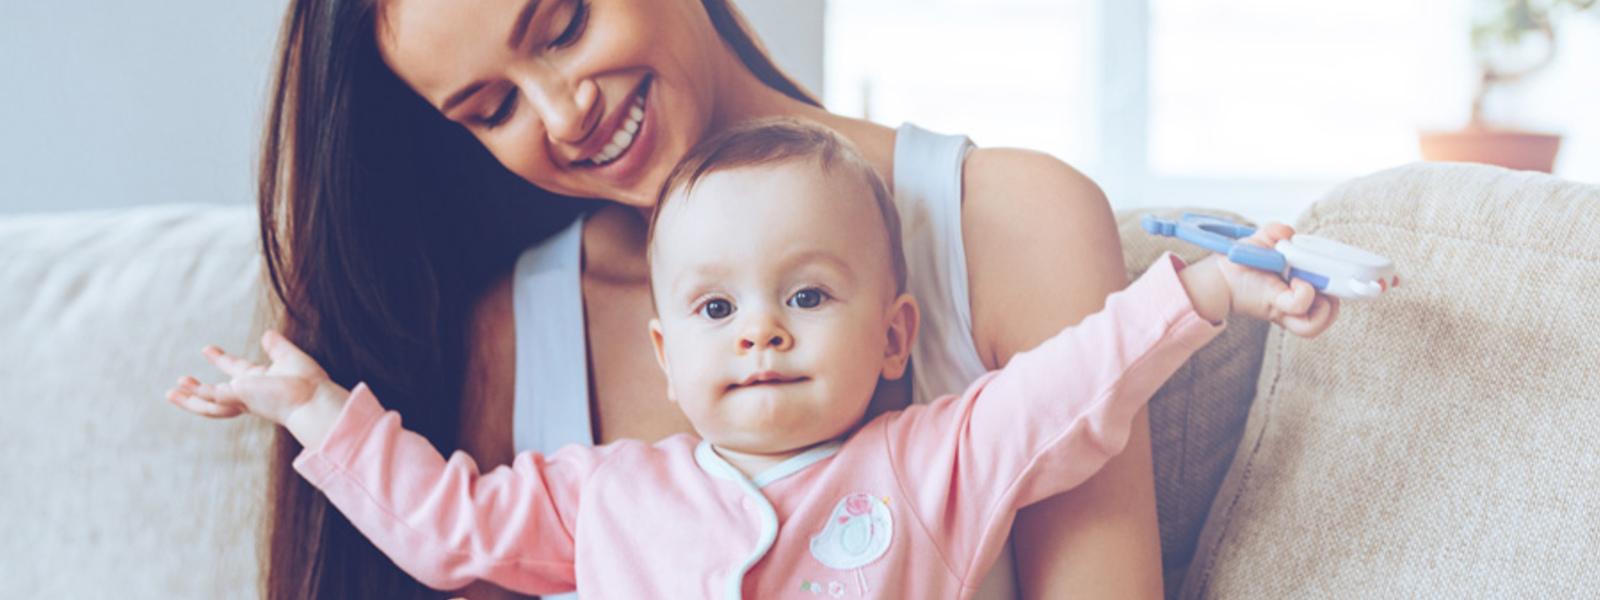 Опровергаем слухи об отмене пособий «одиноким матерям». Детальный разбор.